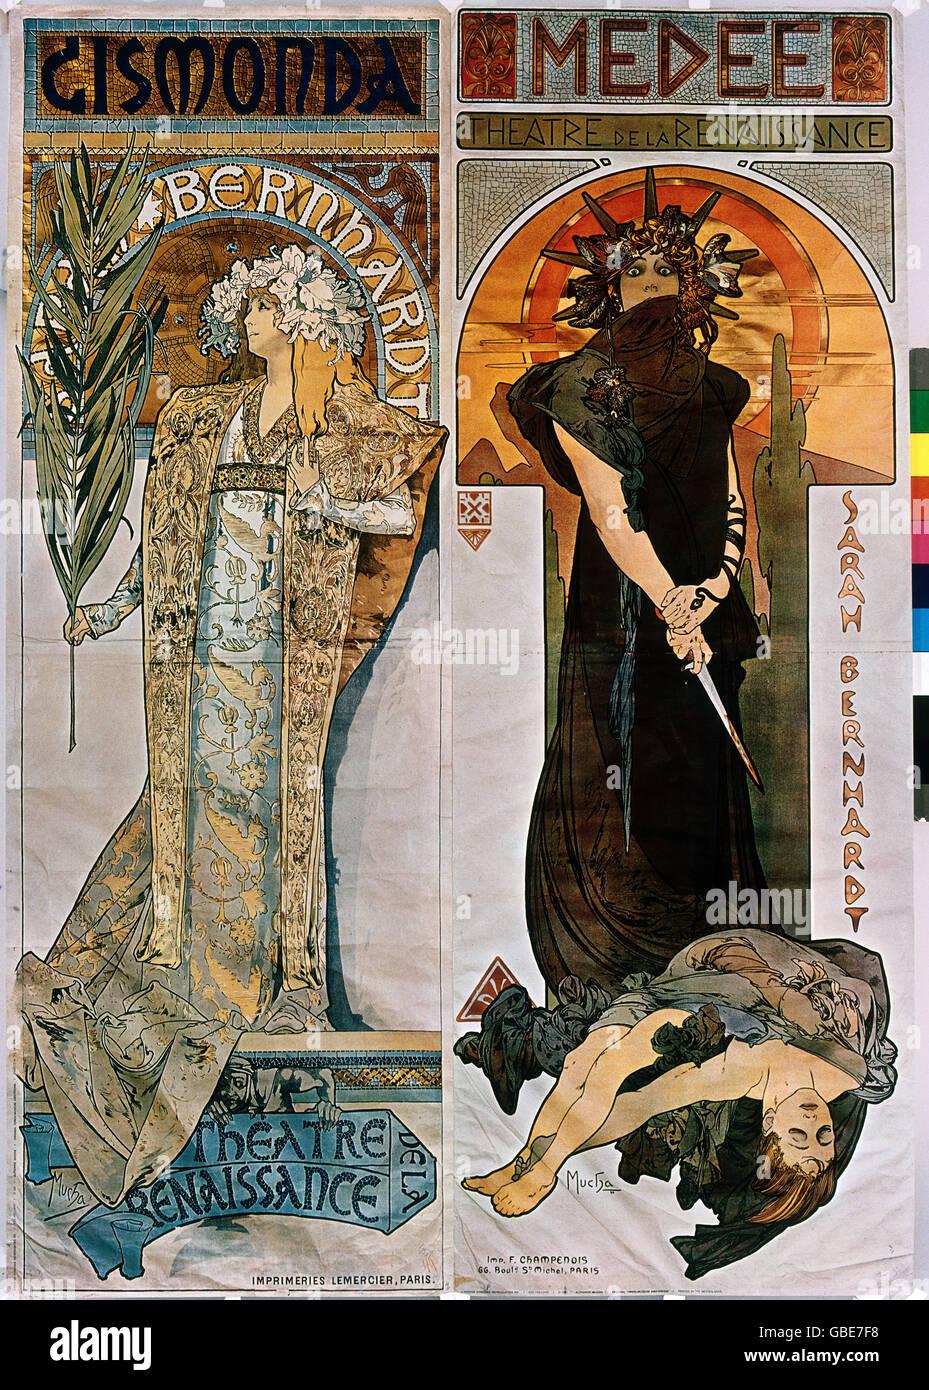 Beaux-arts, Mucha, Alfons (1860 - 1939), affiche, affiches publicitaires pour le théâtre de la Renaissance, Paris, à gauche: 'Gismonda' avec Sarah Bernhardt, 1894, à droite: 'Medee', 1898, Banque D'Images